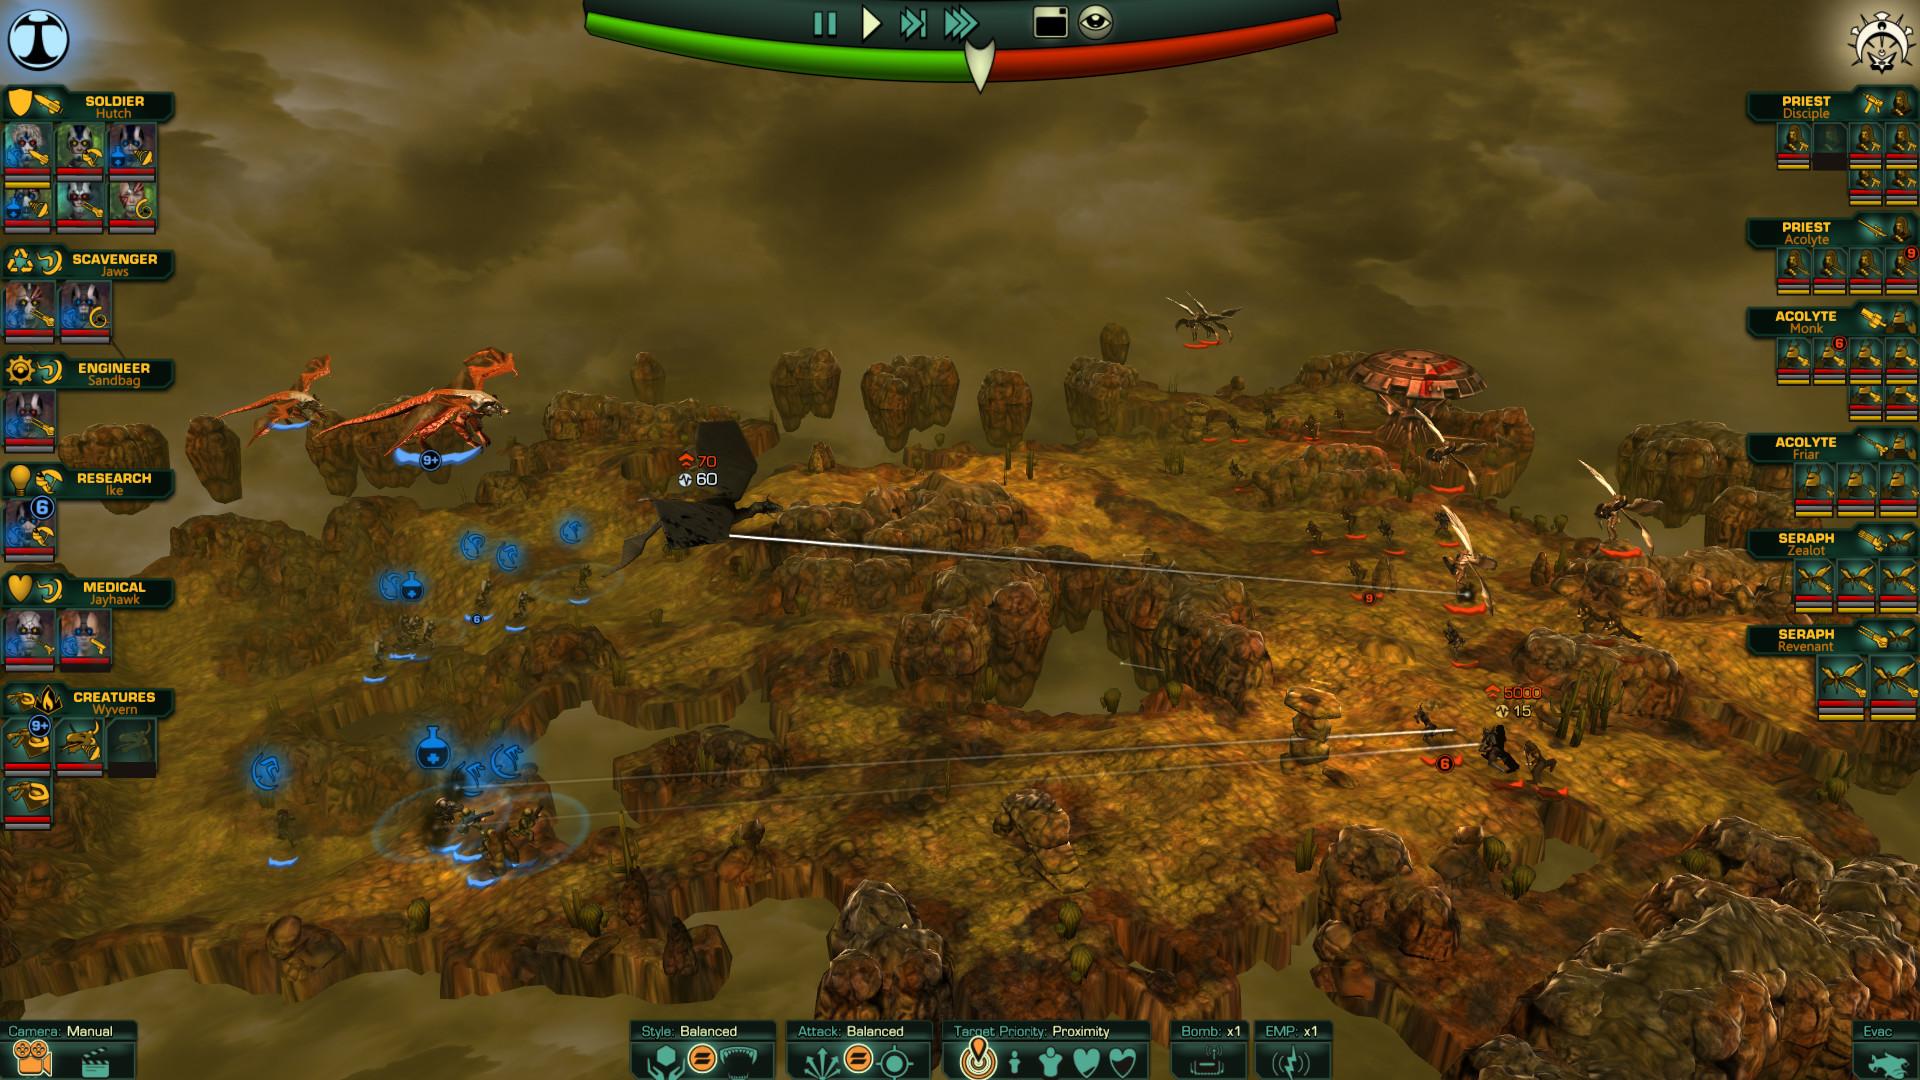 Tempest Citadel Screenshot 3